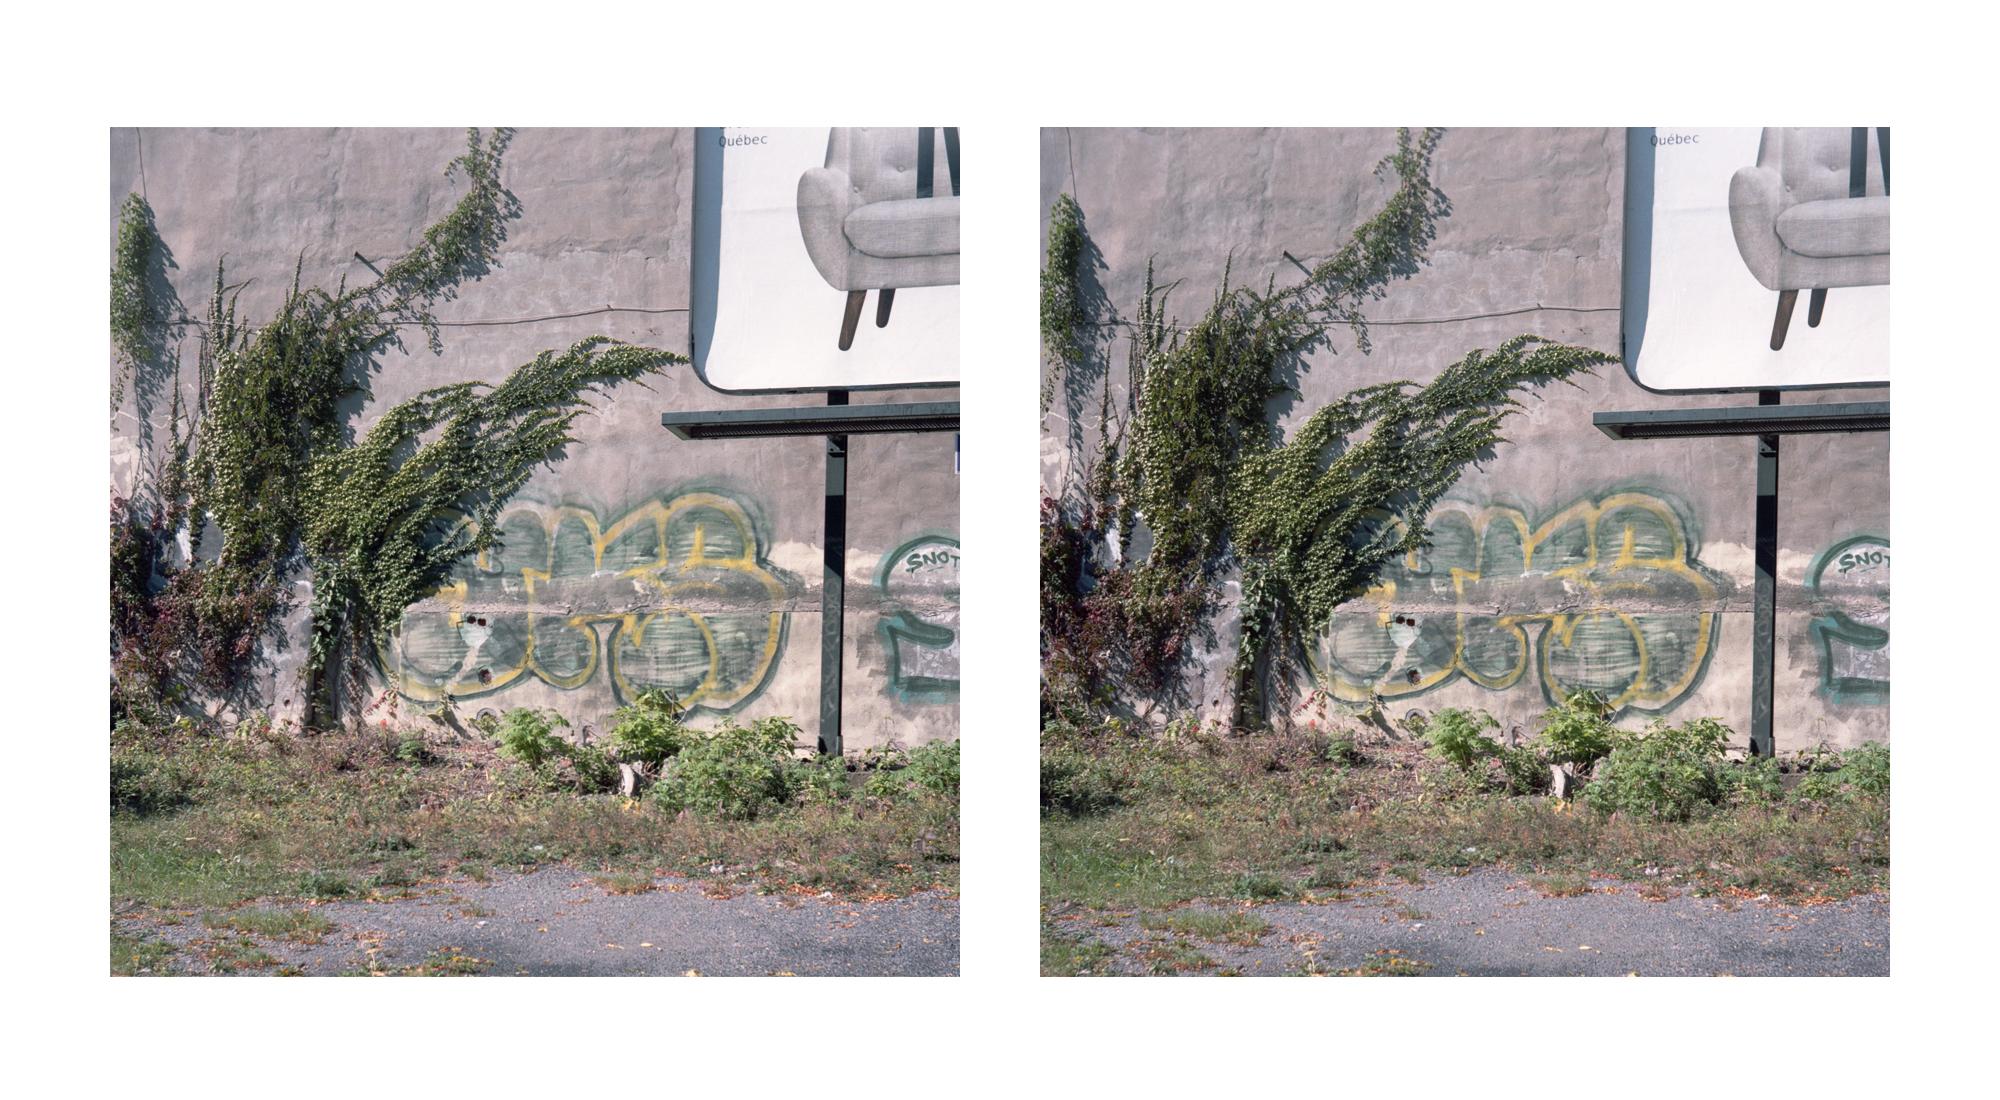 Reality_Janne_Riikonen_08.jpg